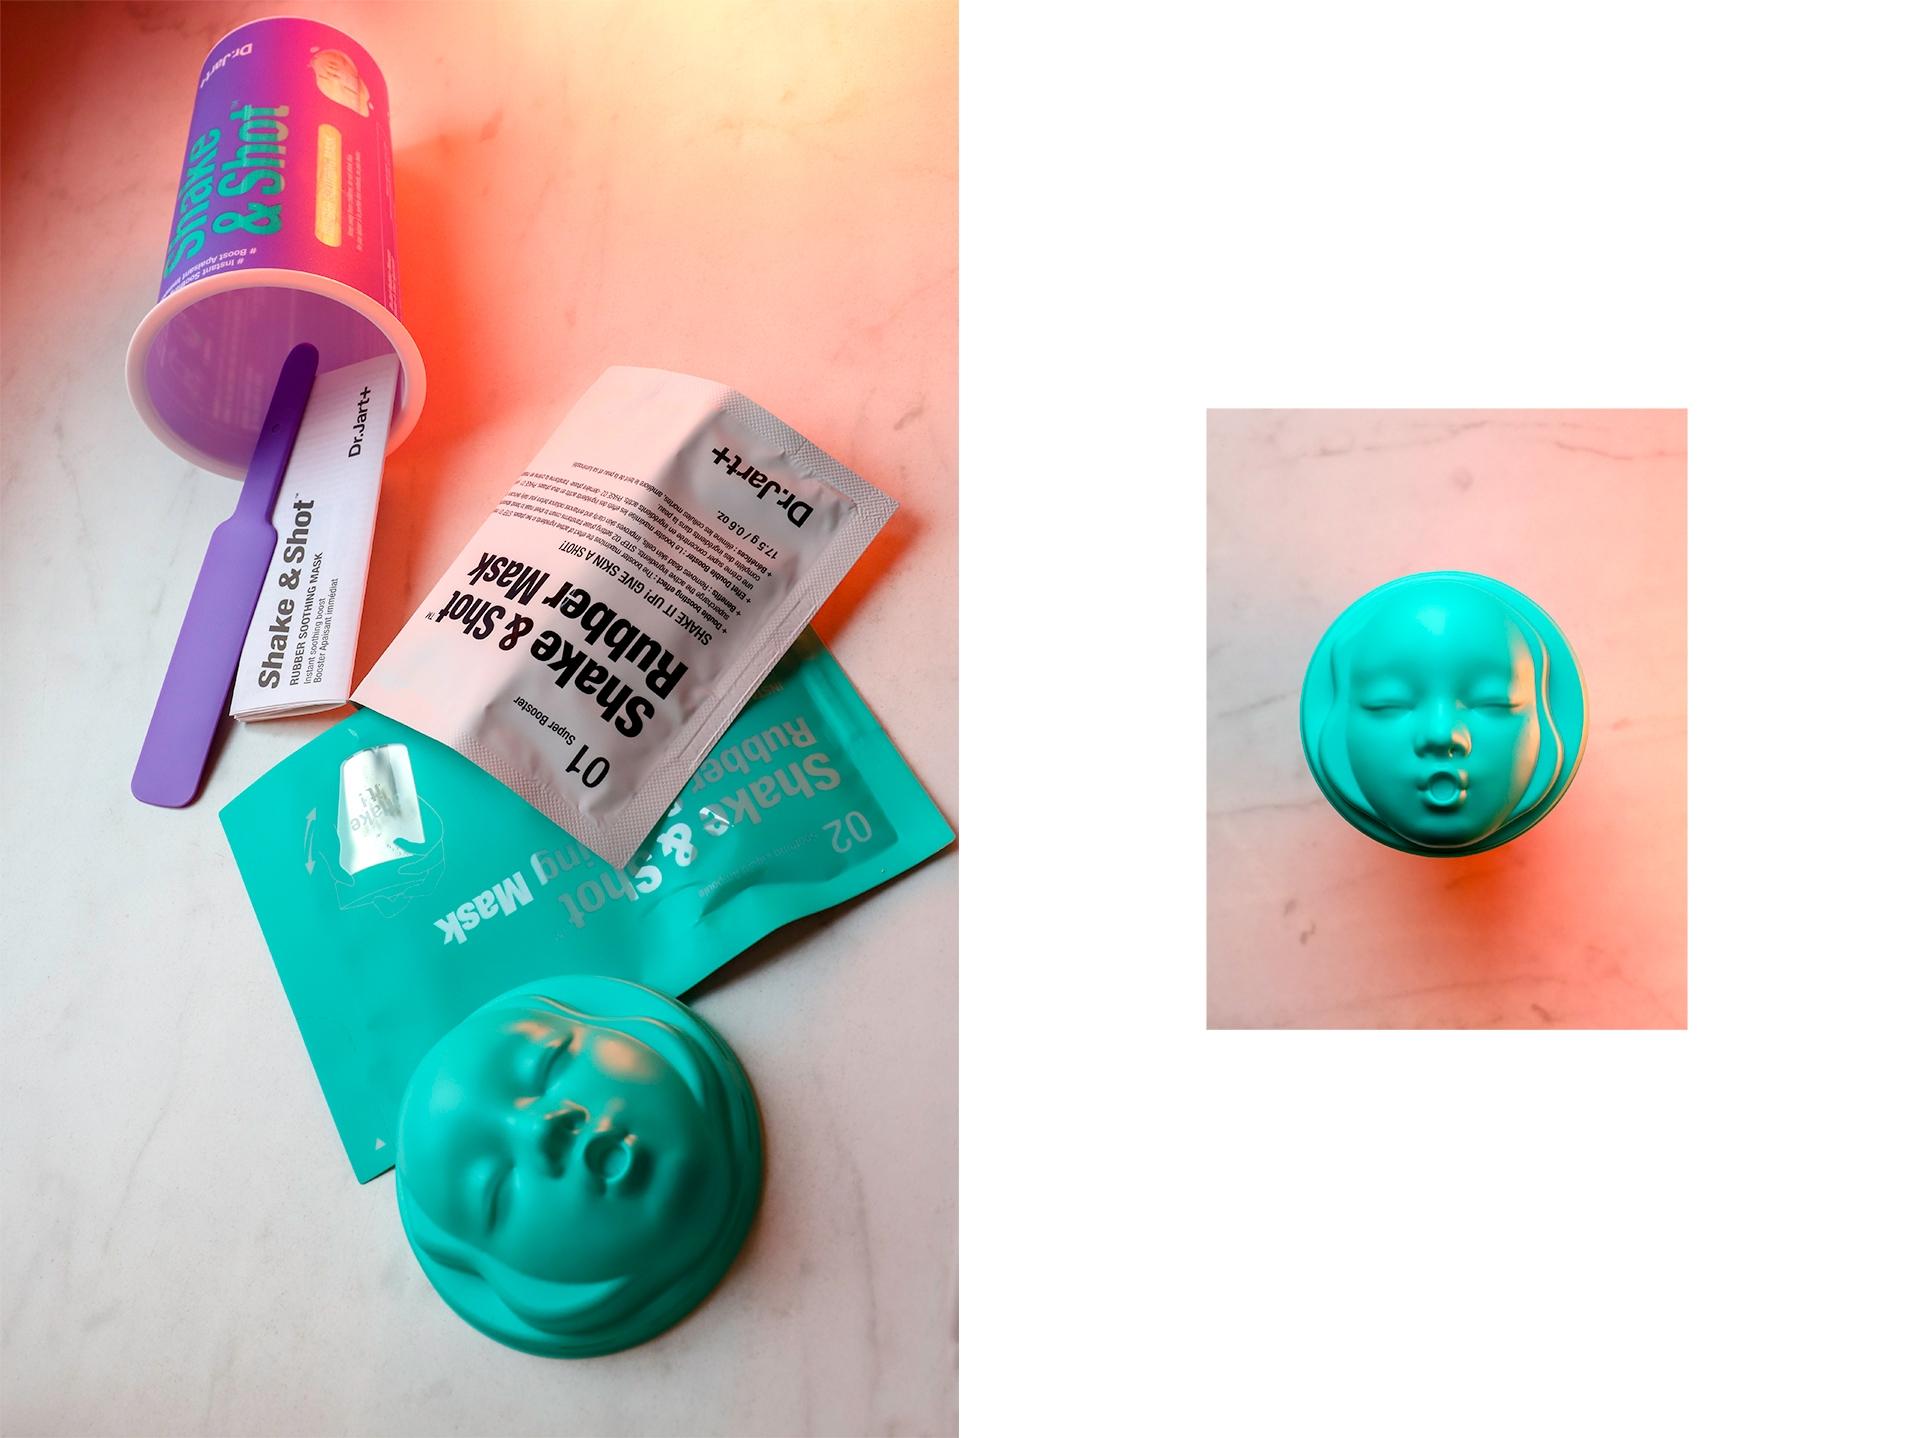 Zdjęcie przedstawia różne przedmioty rozsypane na jasnym podłożu. Widzimy fioletowy kubek i miętową zatyczkę w kształcie twarzy.